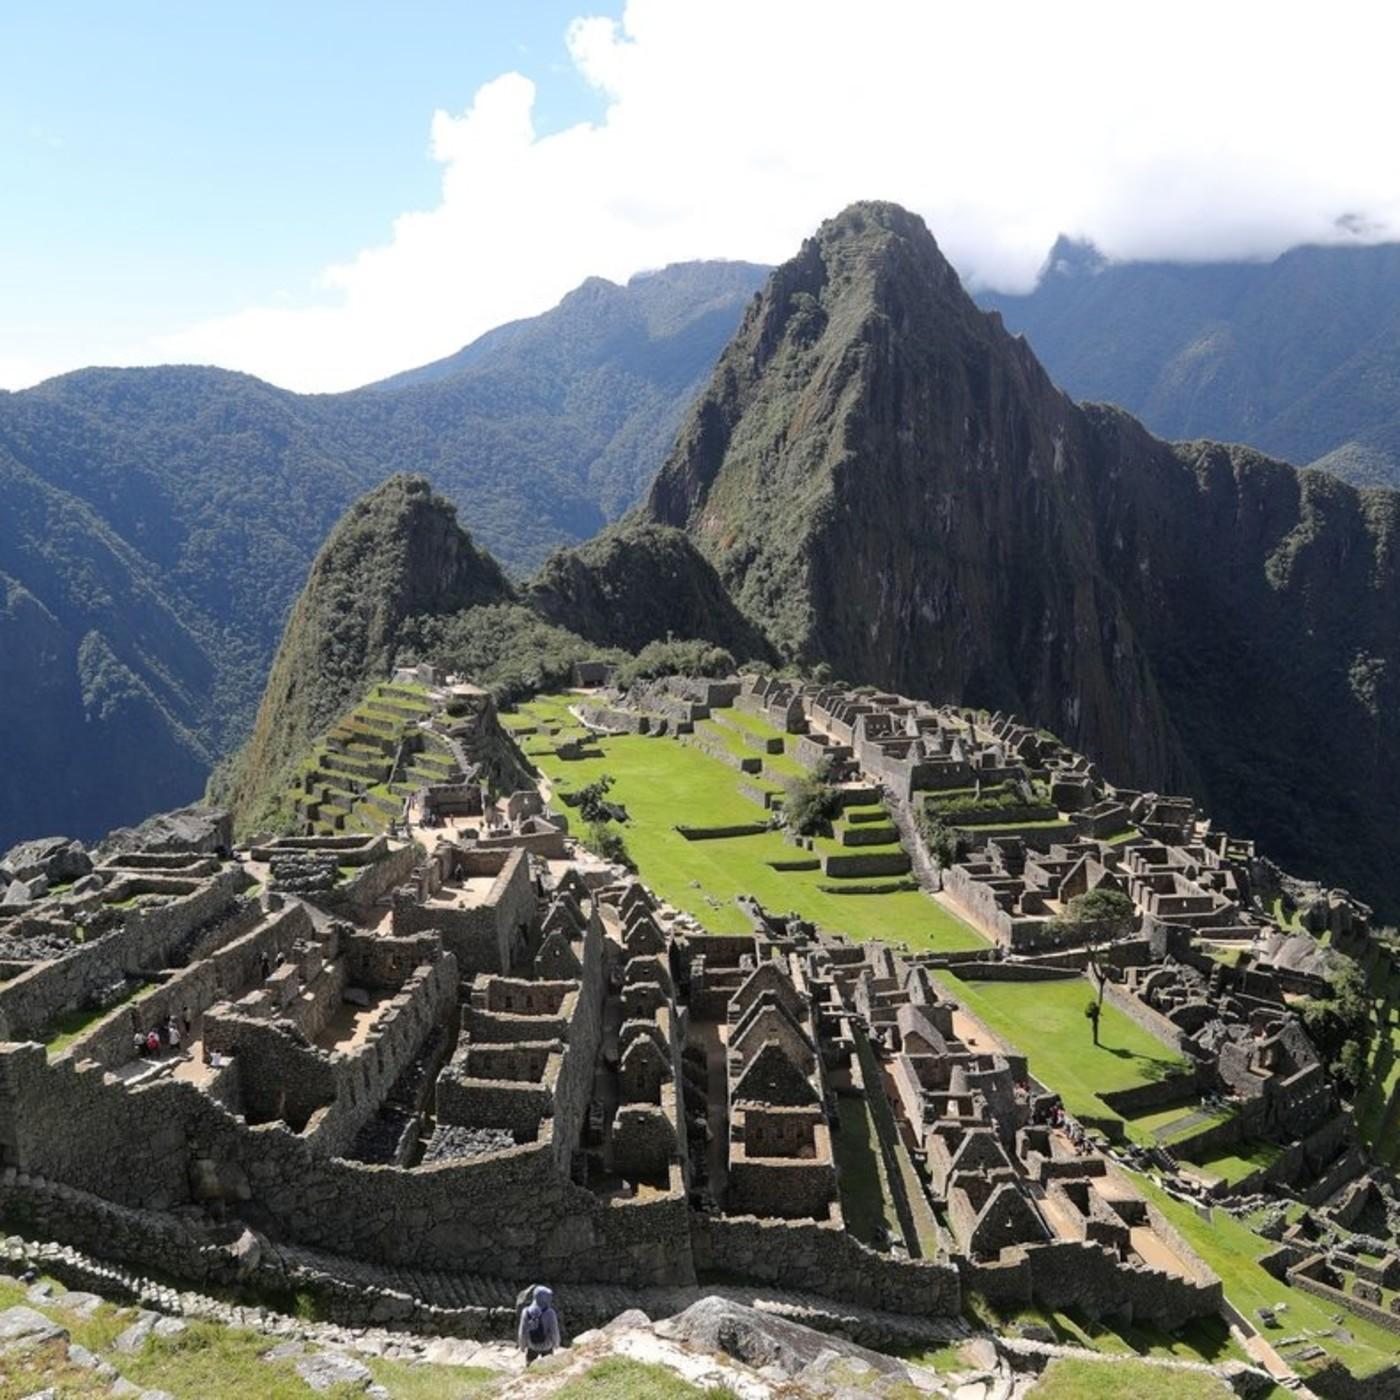 Ciudades perdidas: Los orígenes ocultos de Petra · Machu Picchu, la isla inca de las nubes